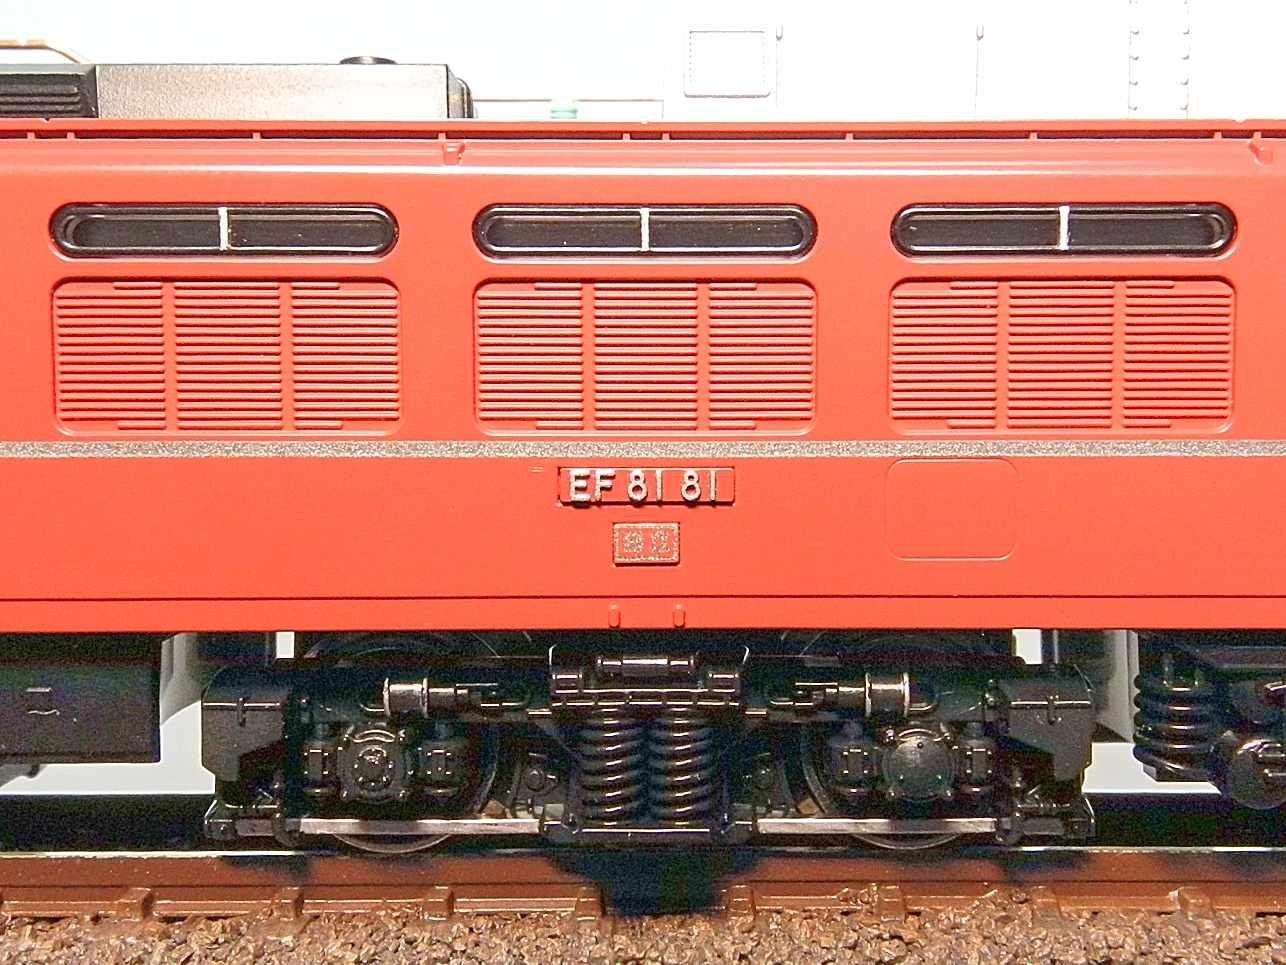 DSCN4574-1.jpg